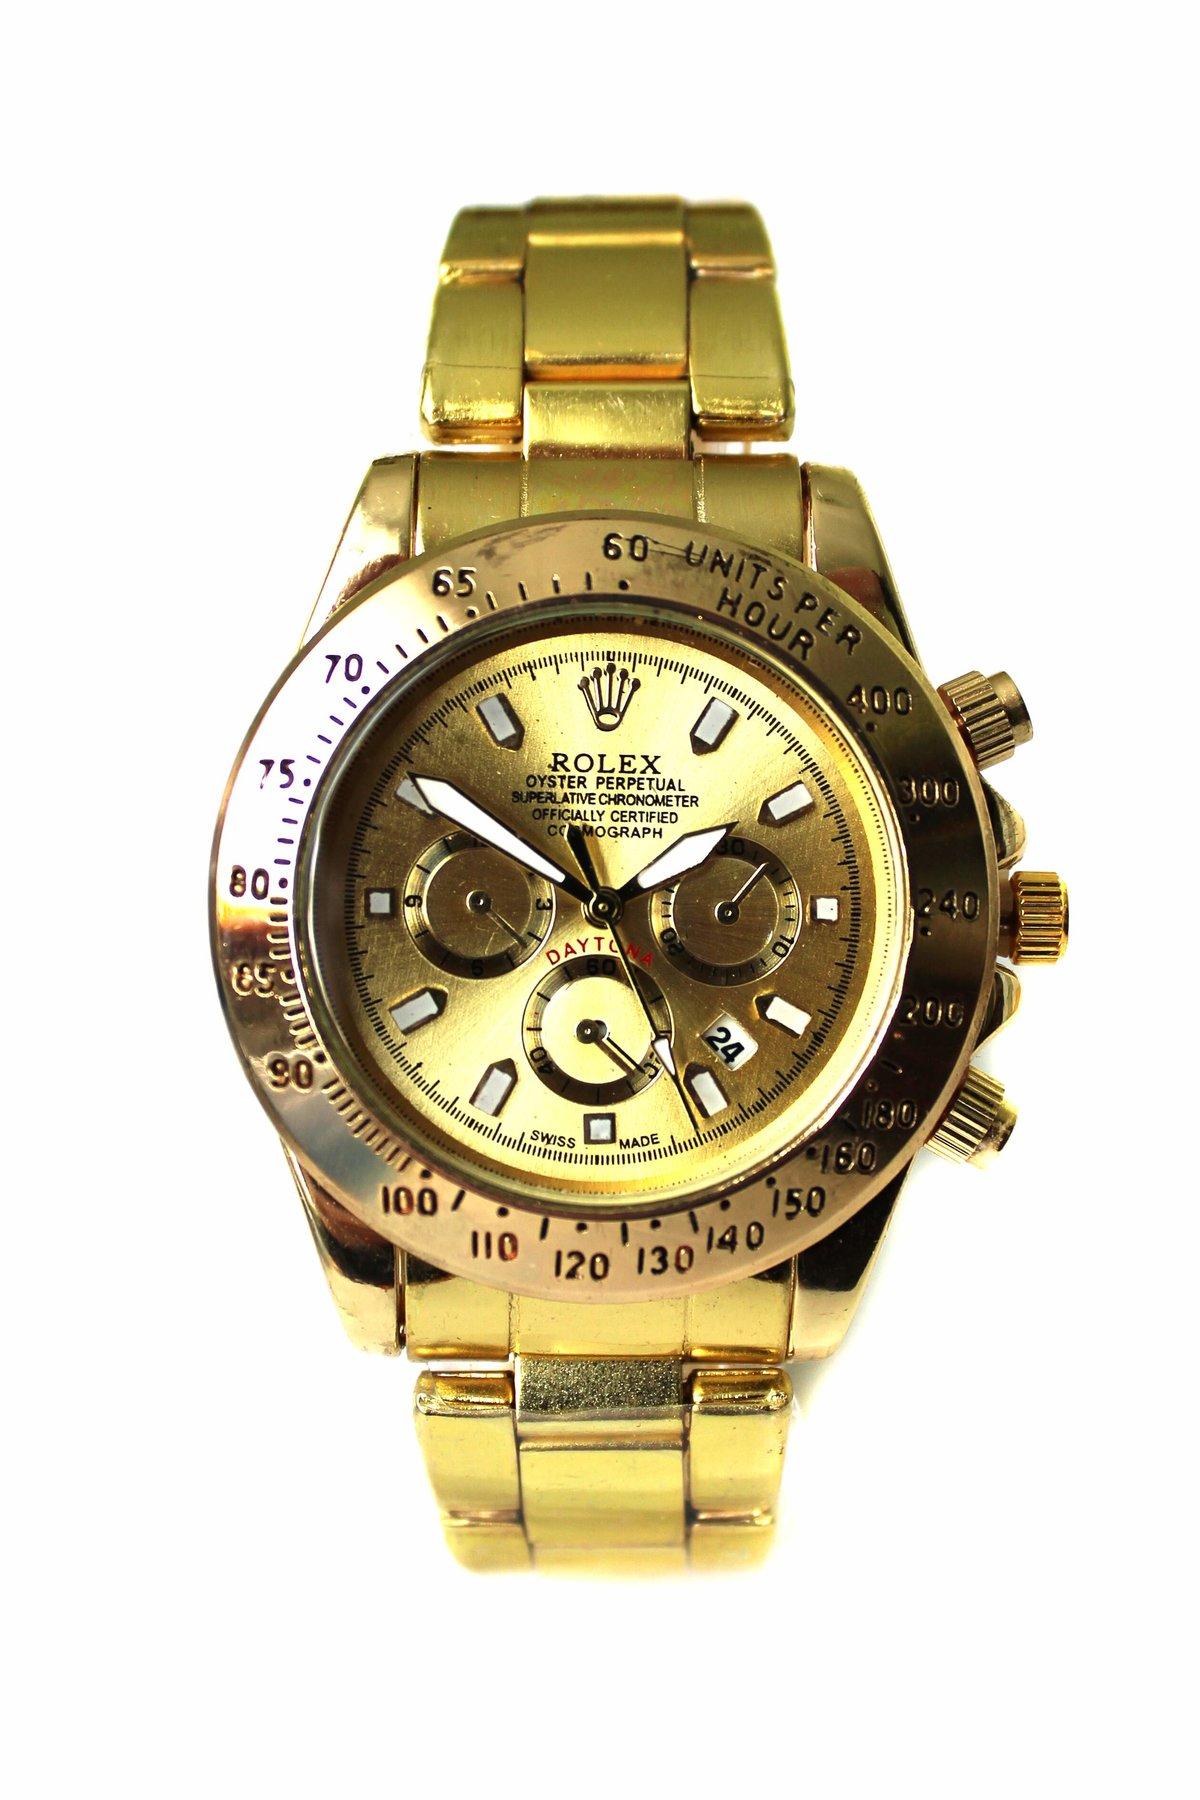 Часы ролекс дайтона сделаны из высококачественной стали и отличаются высокой износостойкостью.